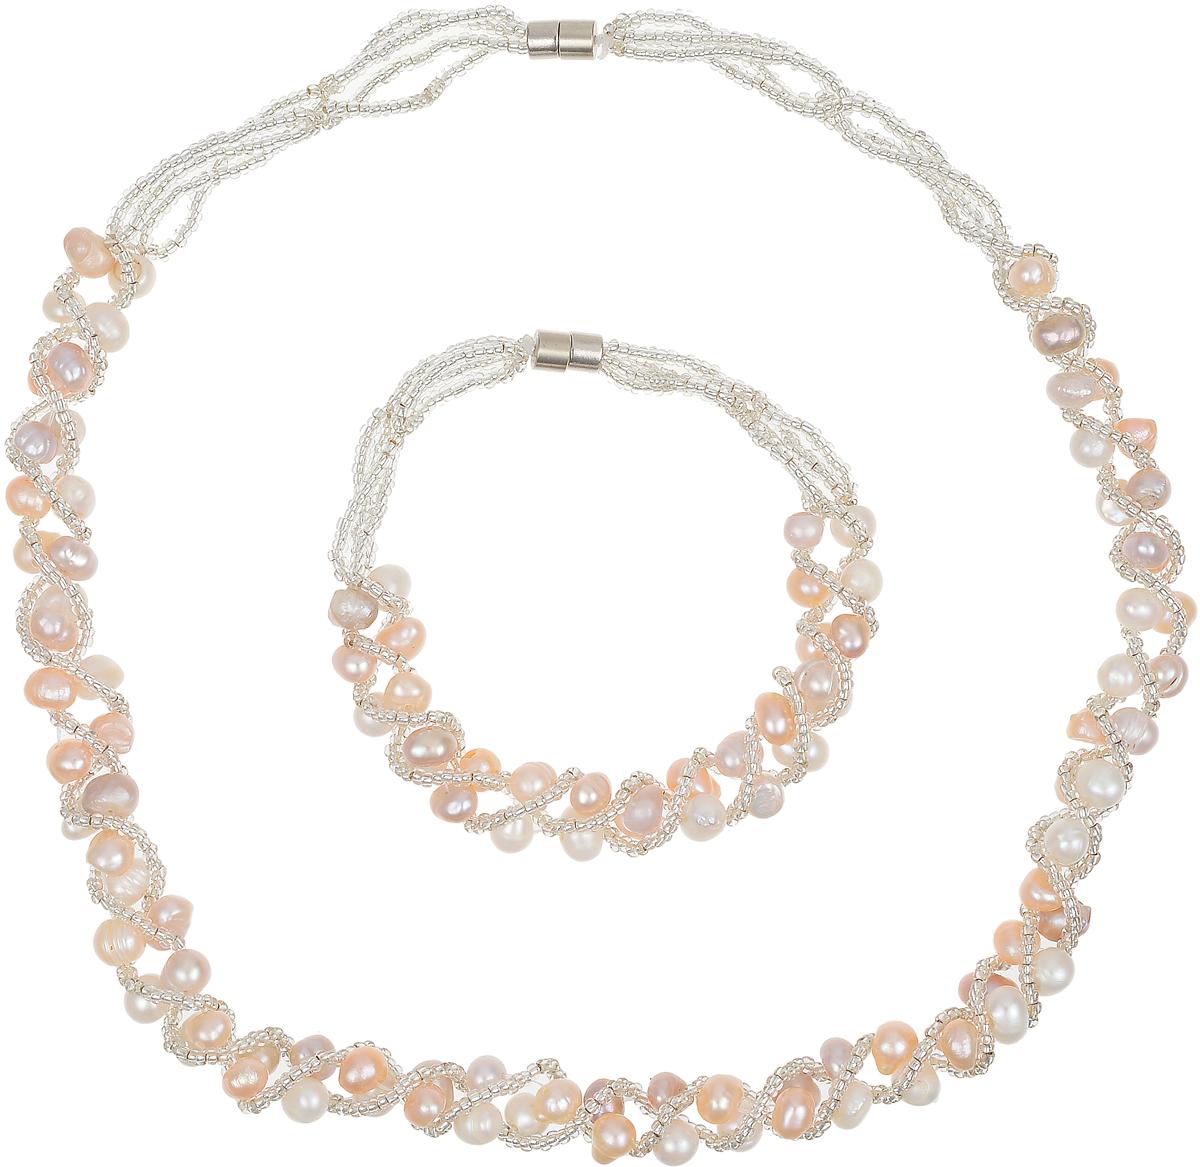 Комплект бижутерии Art-Silver: ожерелье, браслет, цвет: персиковый. N064-1-605Бусы-ошейникВеликолепный комплект бижутерии Art-Silver состоит из оригинального ожерелья и браслета. Изделия выполнены из бижутерного сплава, жемчуга и бисера. Ожерелье оформлено бусинами, застегивается на магнитный замок. Браслет так же оформлен бусинами и застегивается на магнитный замок.